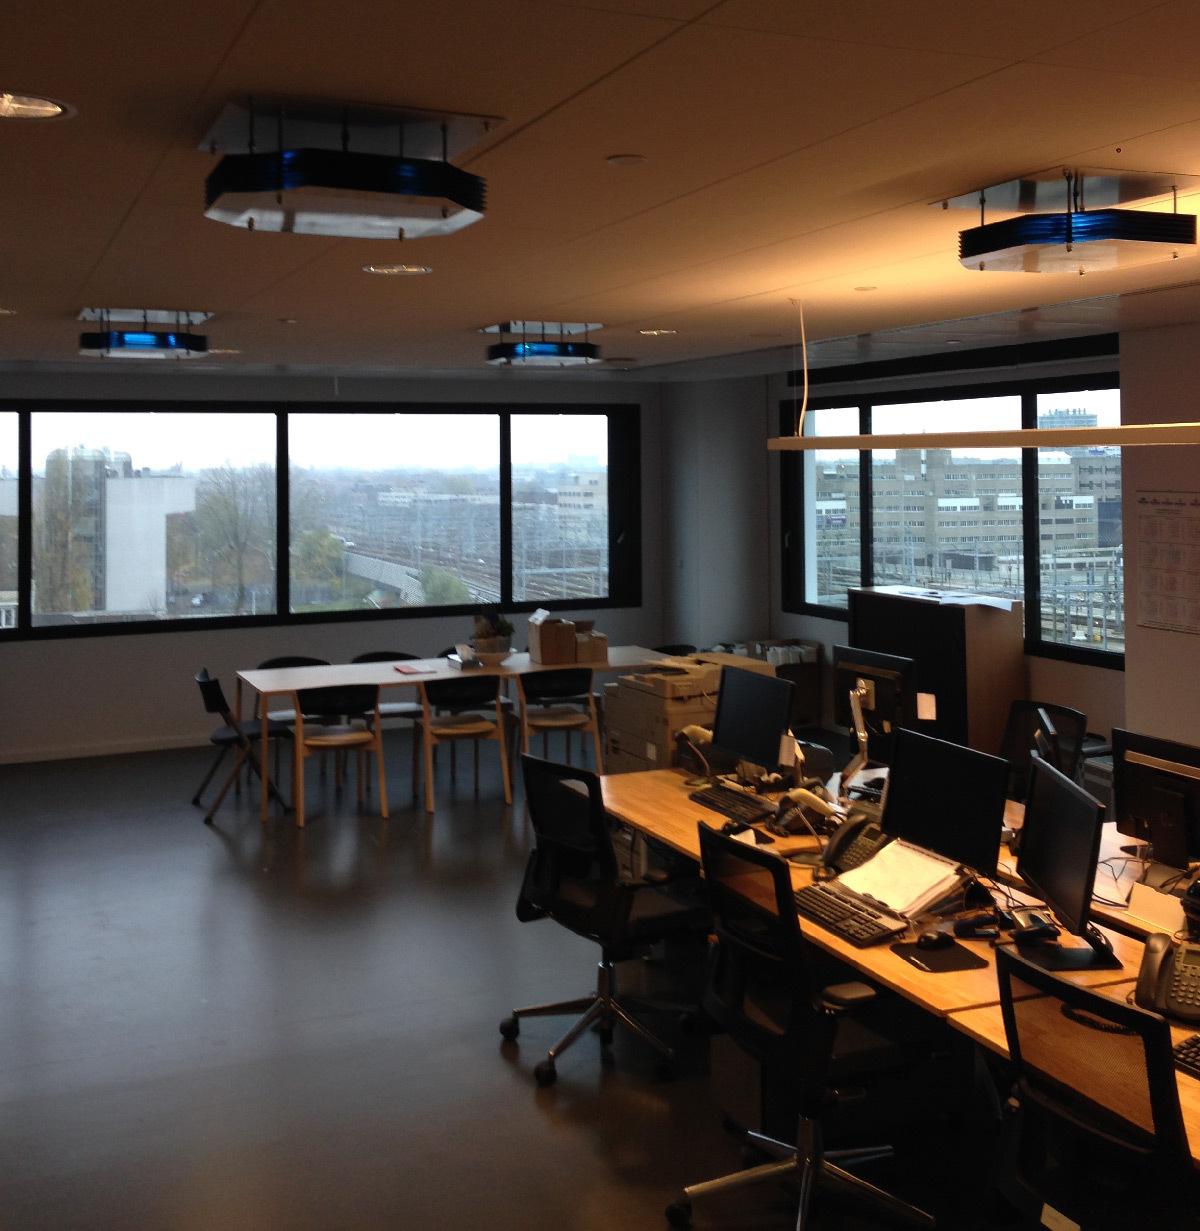 Désinfection de l'air avec un plafonnier UV-C dans espaces de bureaux